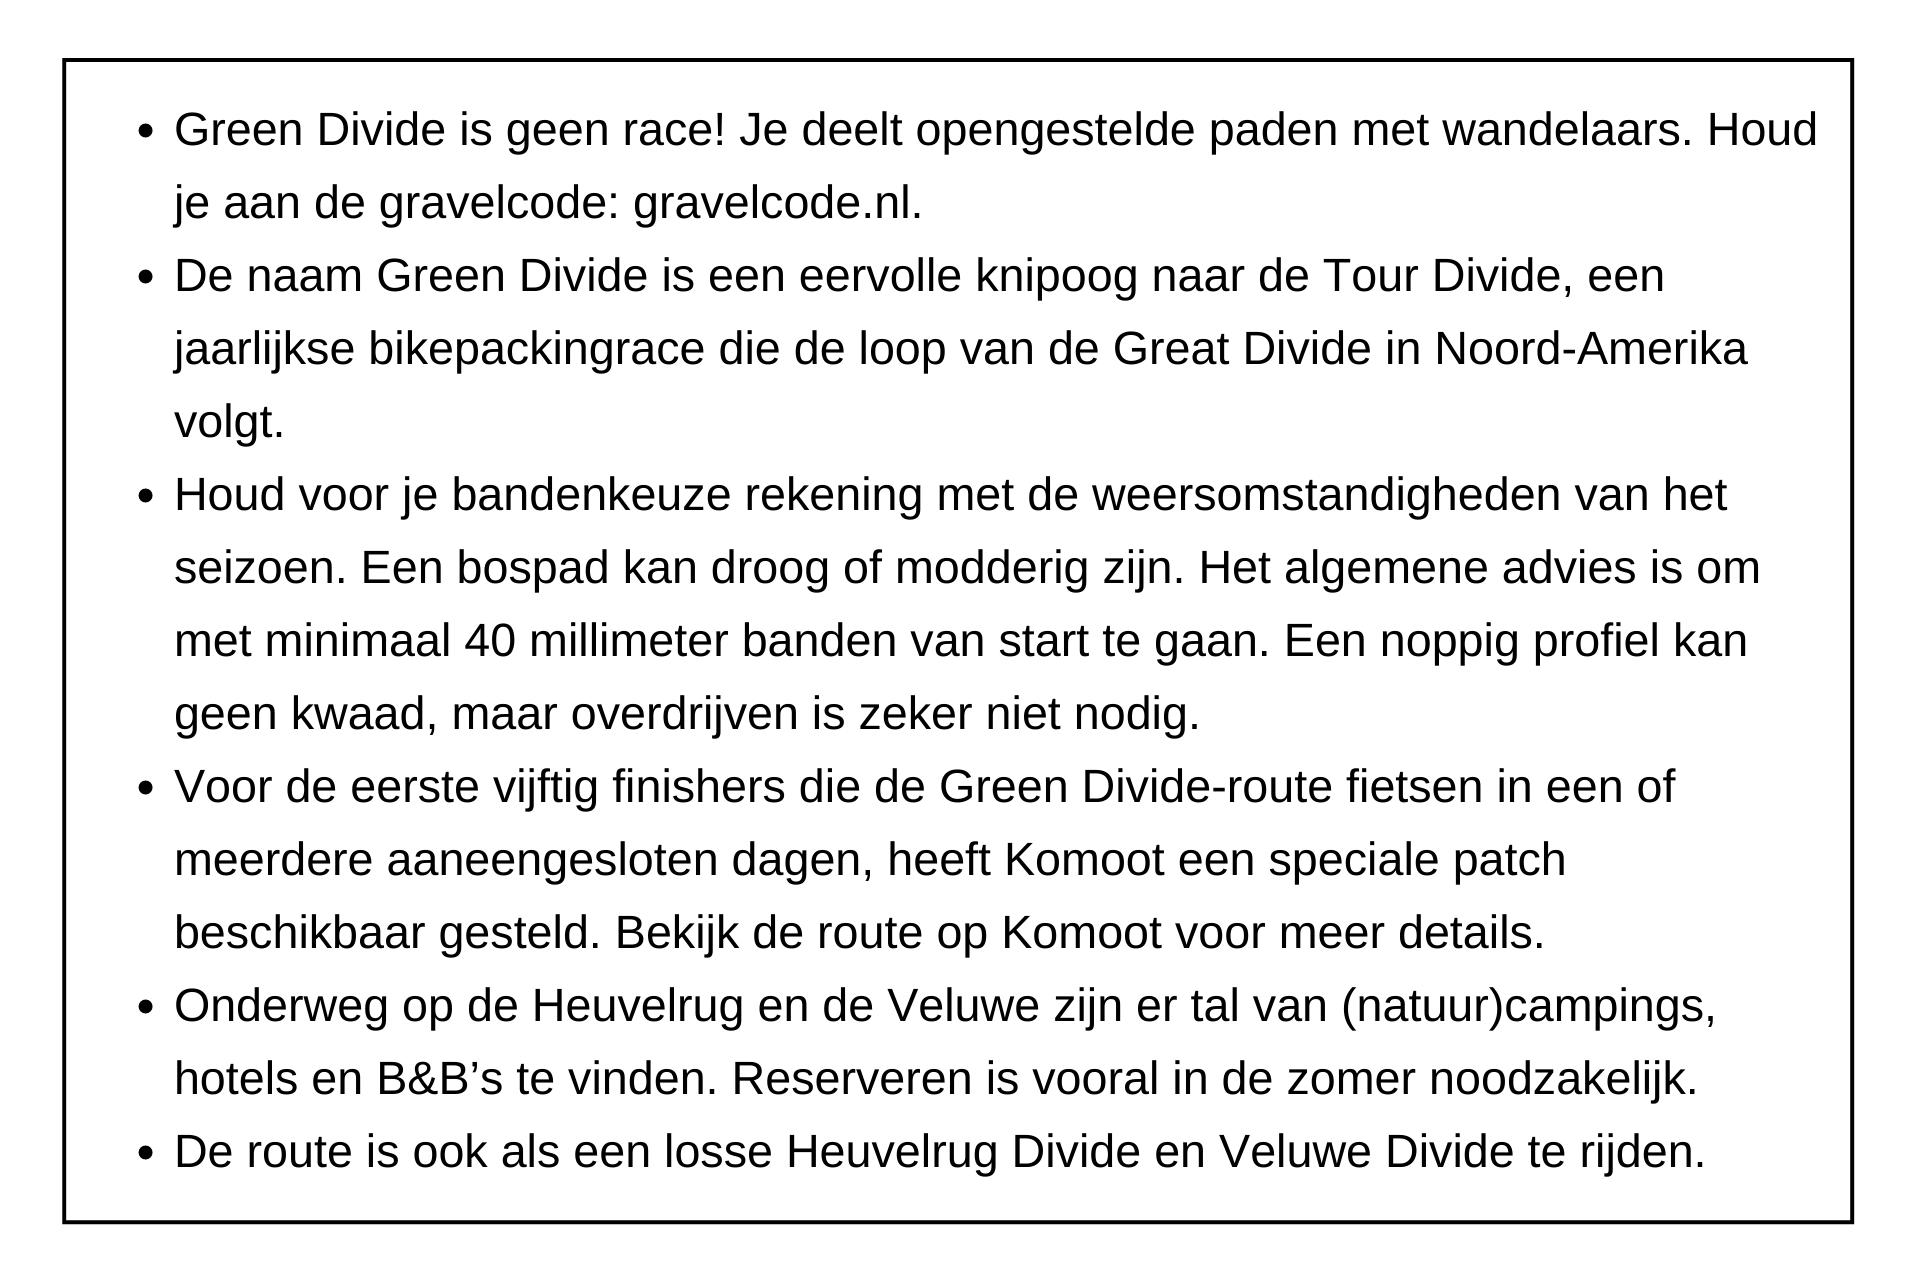 Kader Green Divide